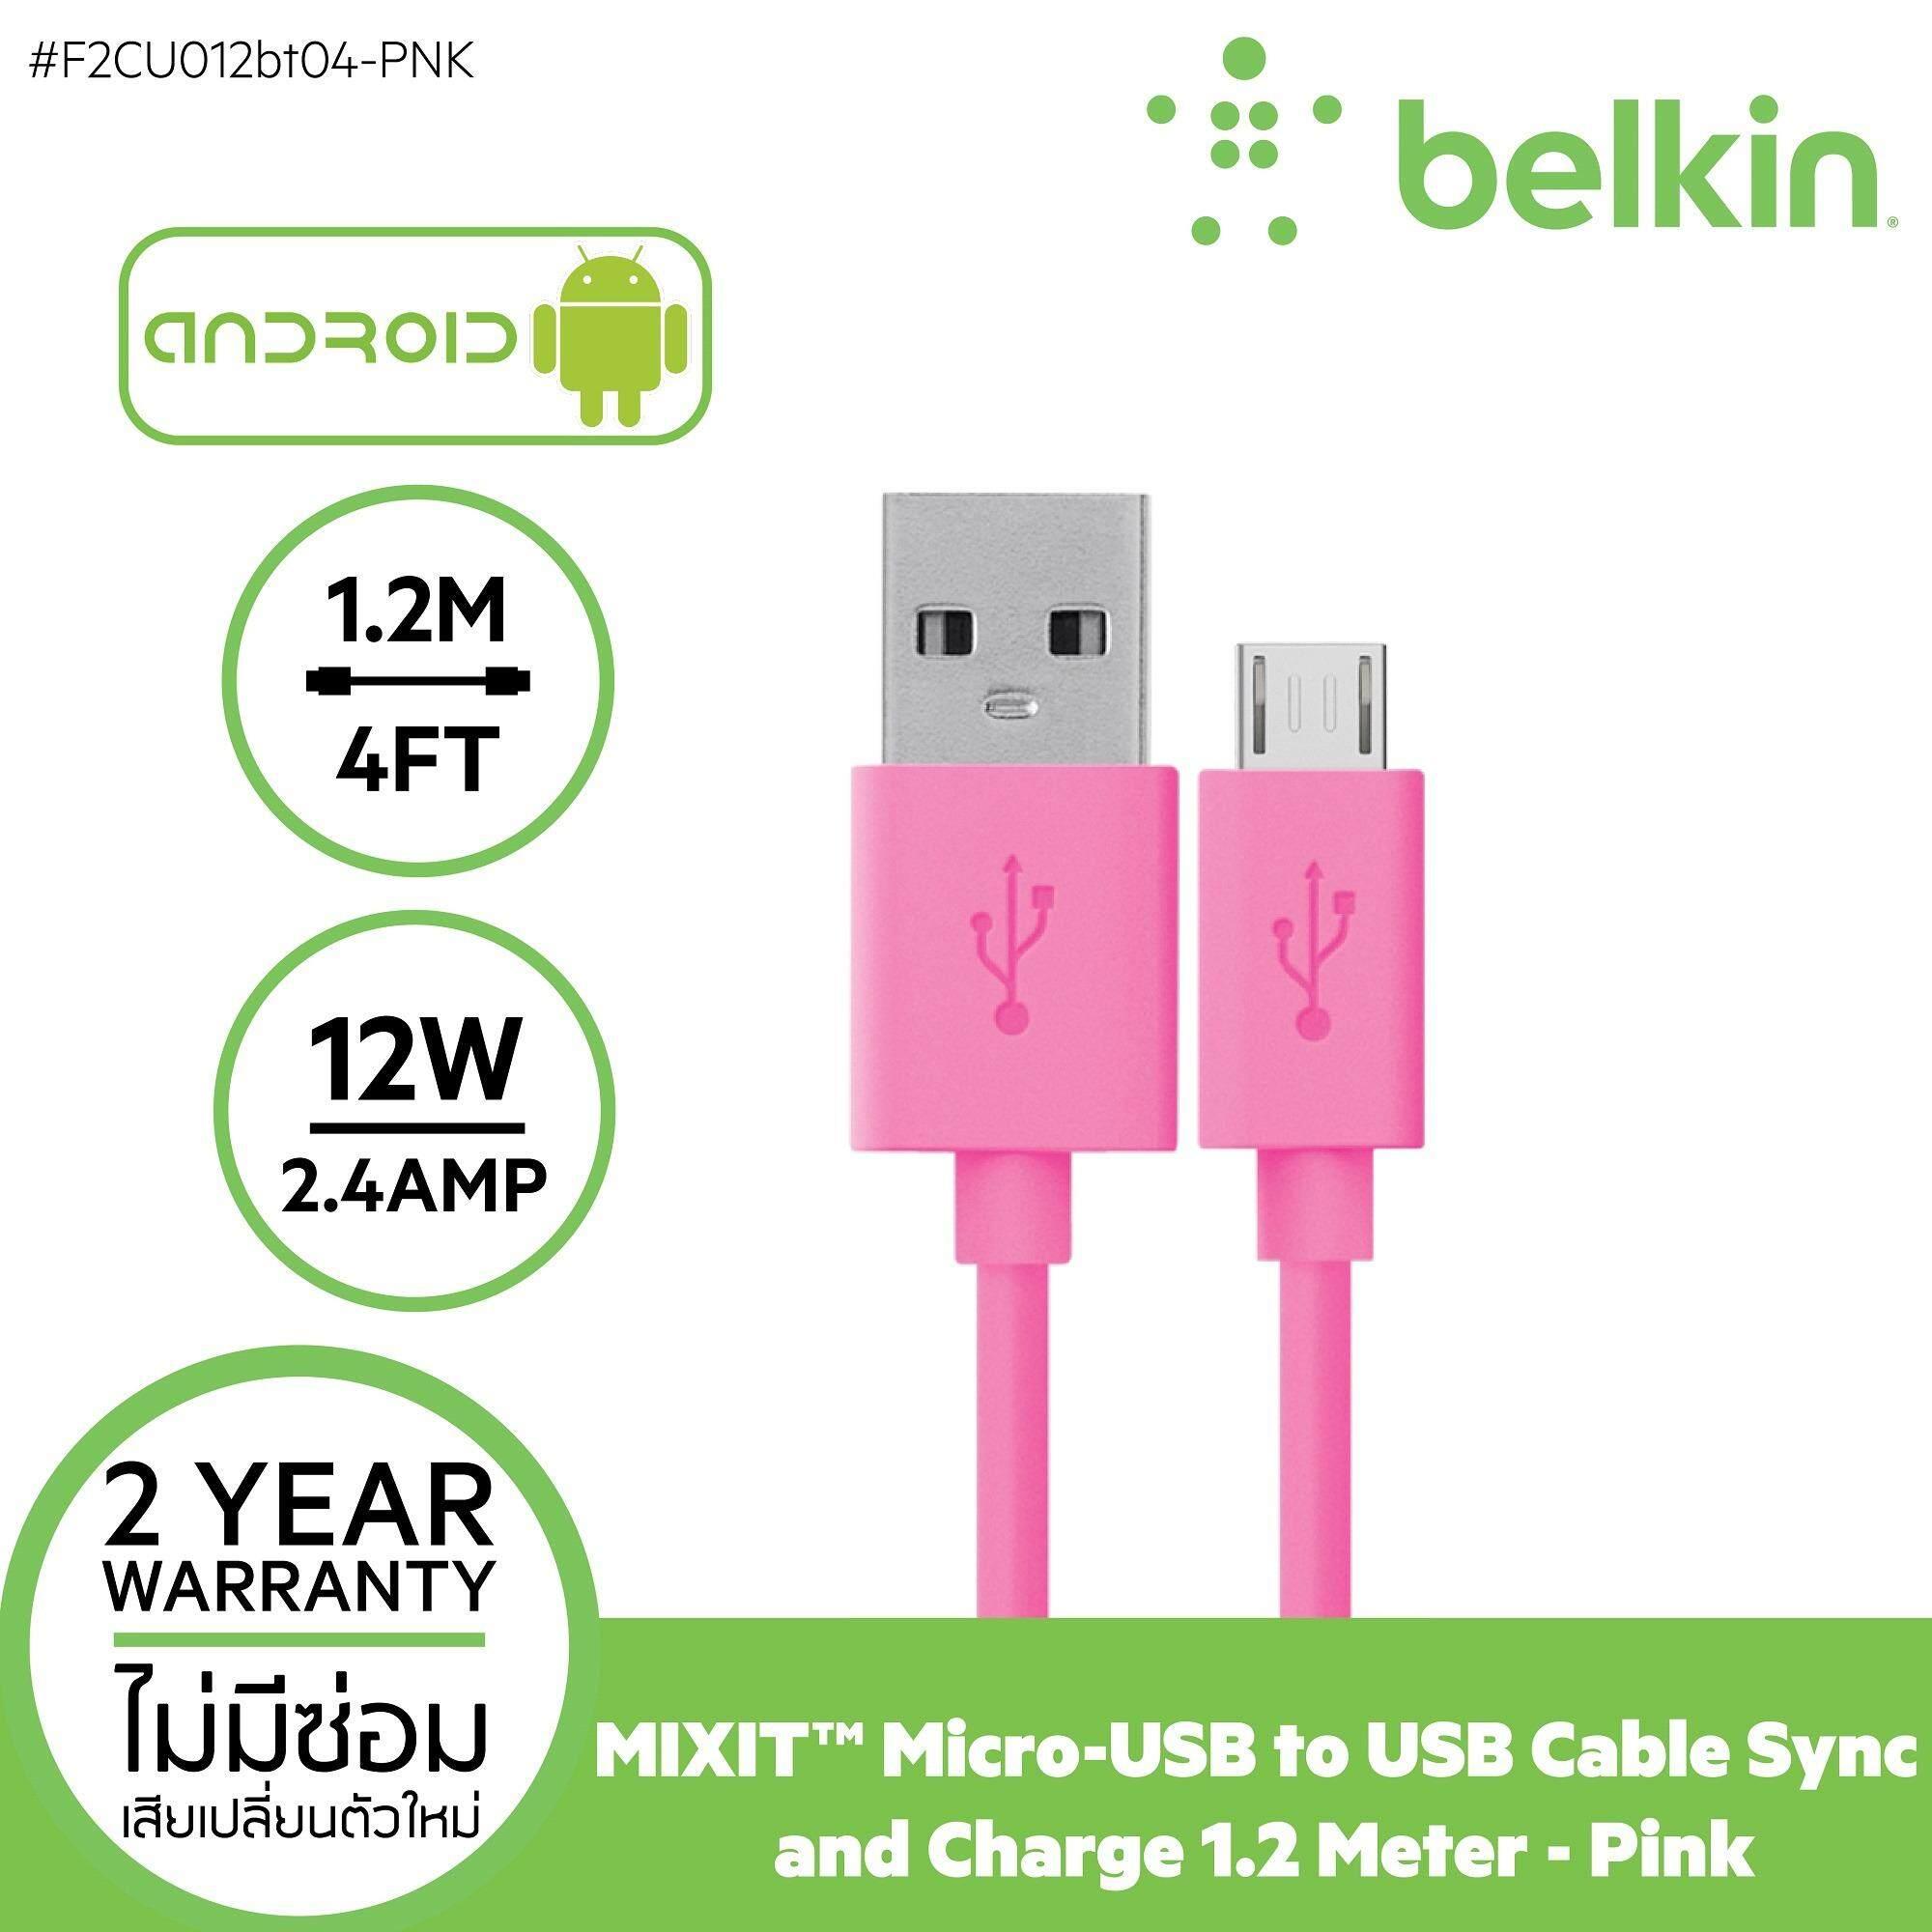 ราคา สายชาร์จ ไมโคร ยูเอสบี 1 2 เมตร สำหรับแอนดรอยด์ ซัมซุง แบตเตอรี่สำรอง เบลคิน Belkin Mixit↑™ Micro Usb Chargesync Cable F2Cu012Bt04 Pnk